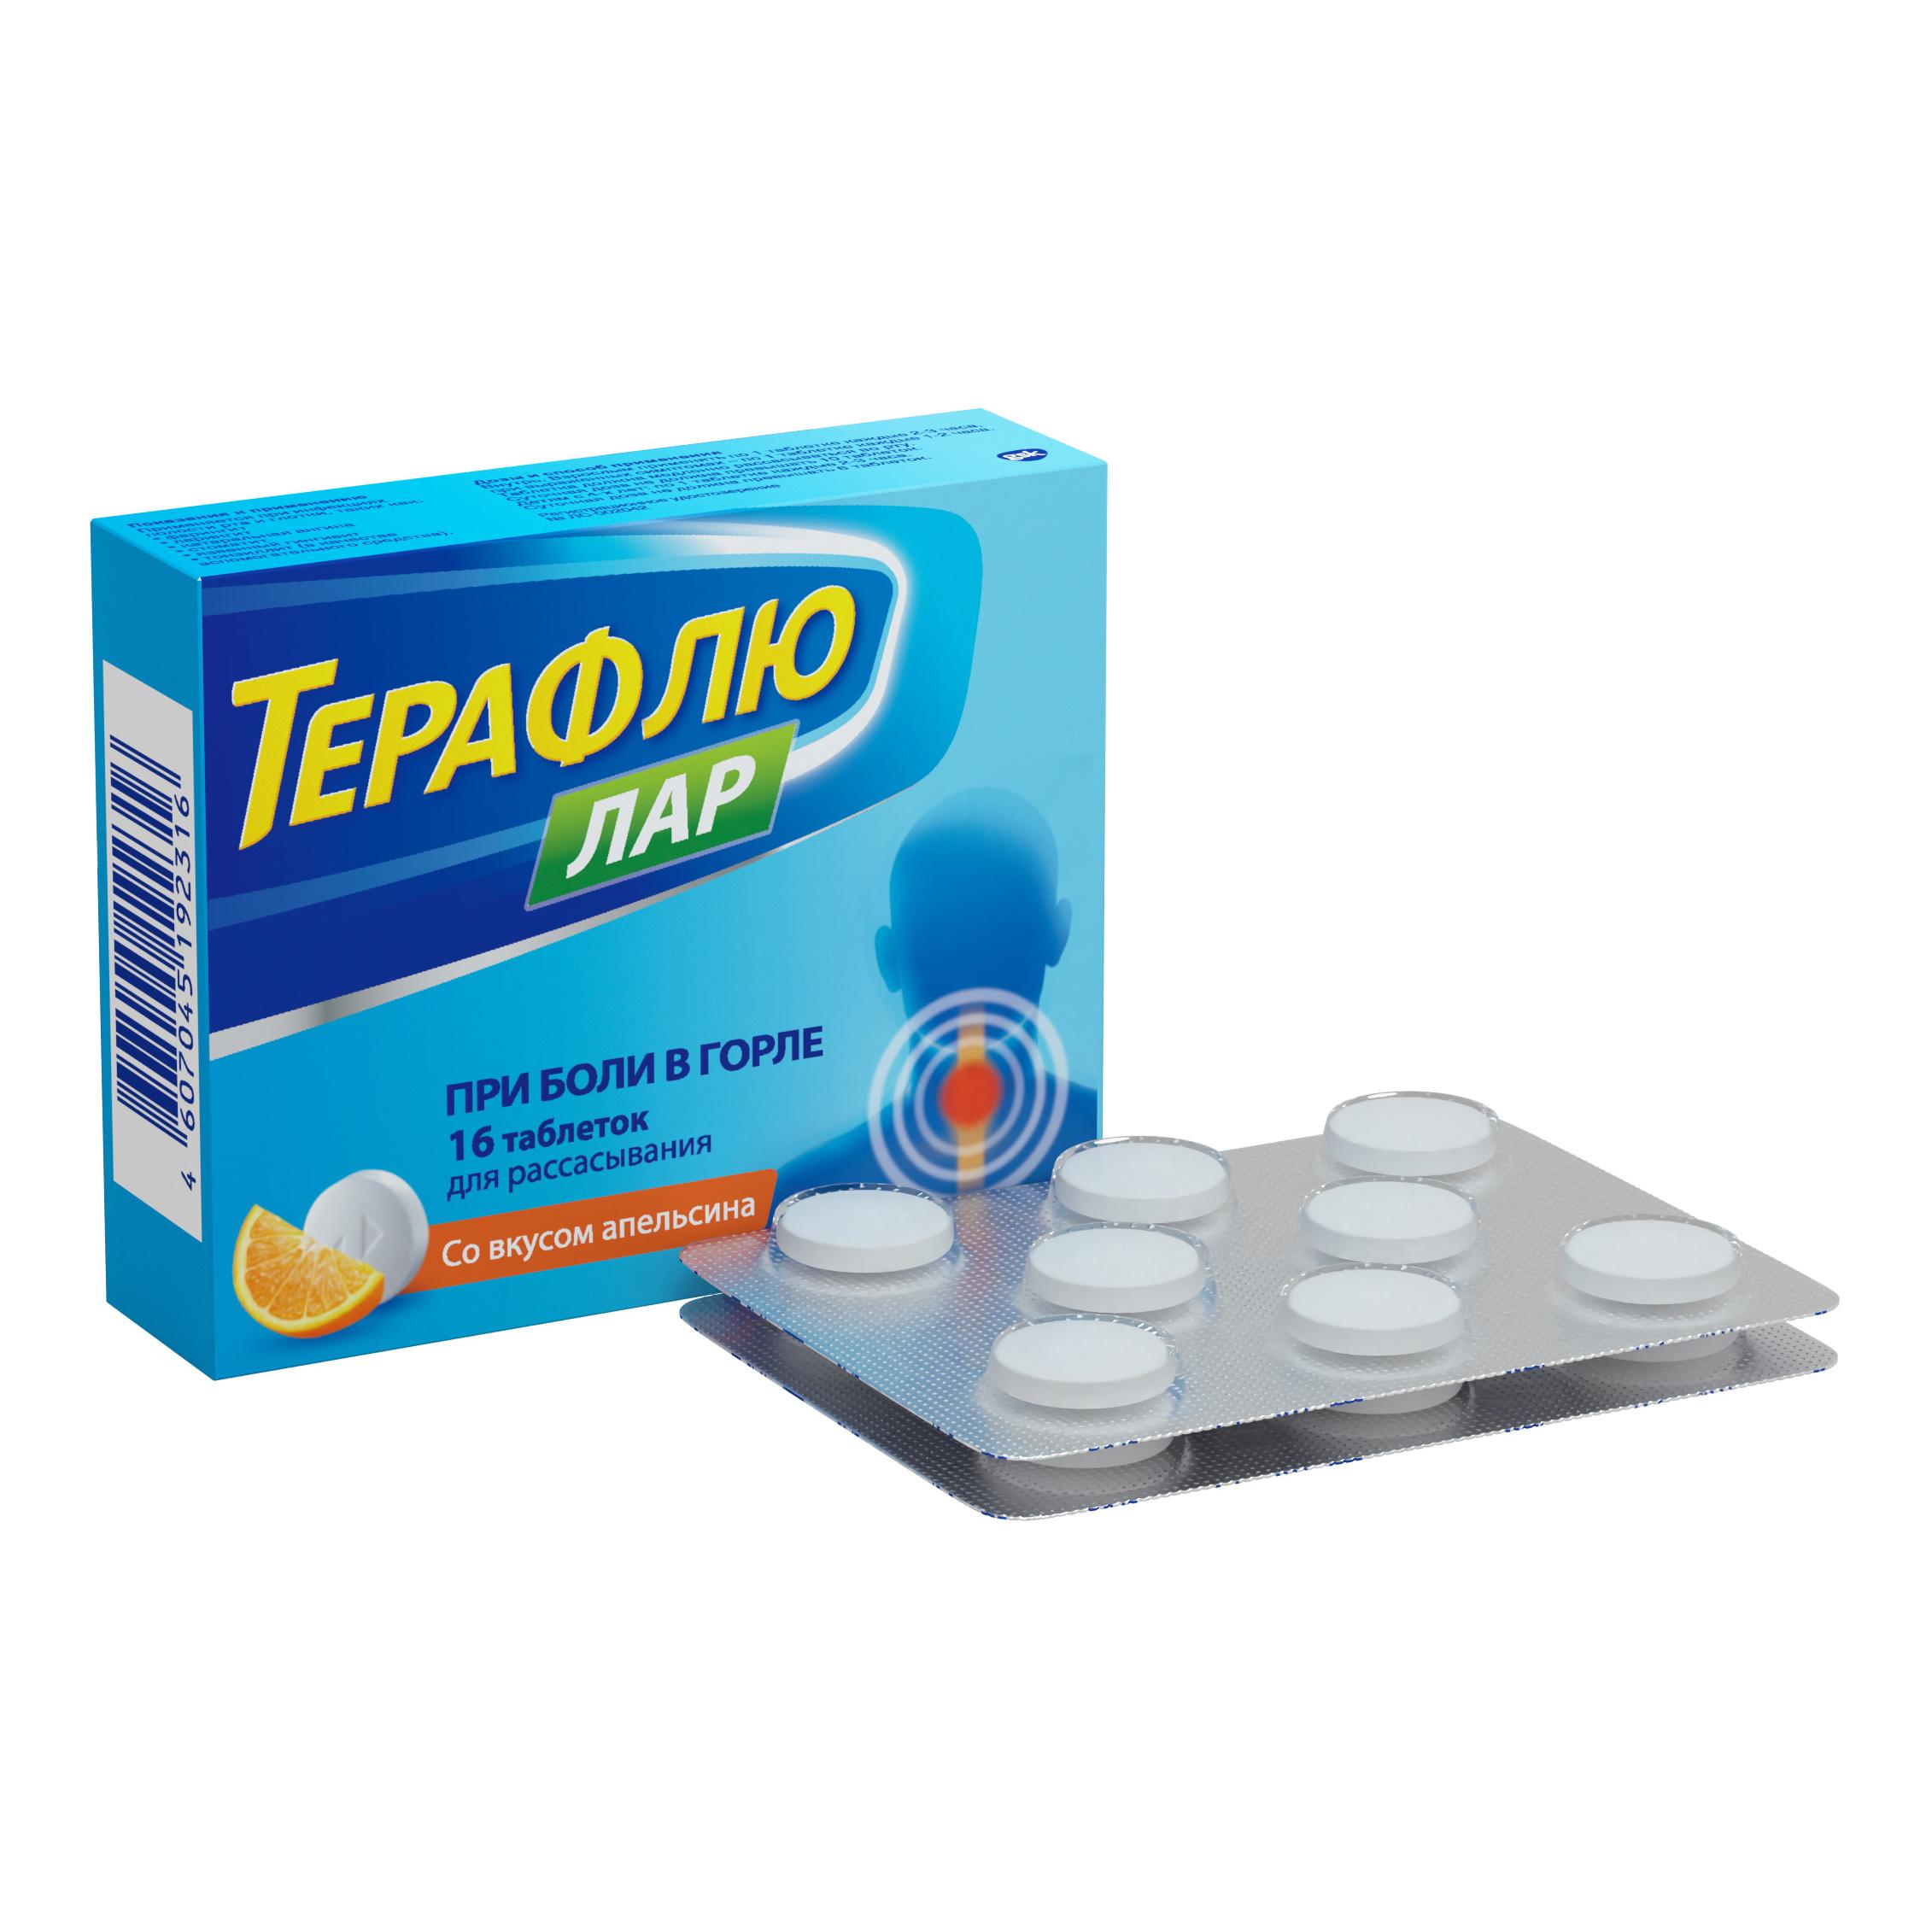 ТераФлю ЛАР таблетки для рассасывания апельсин